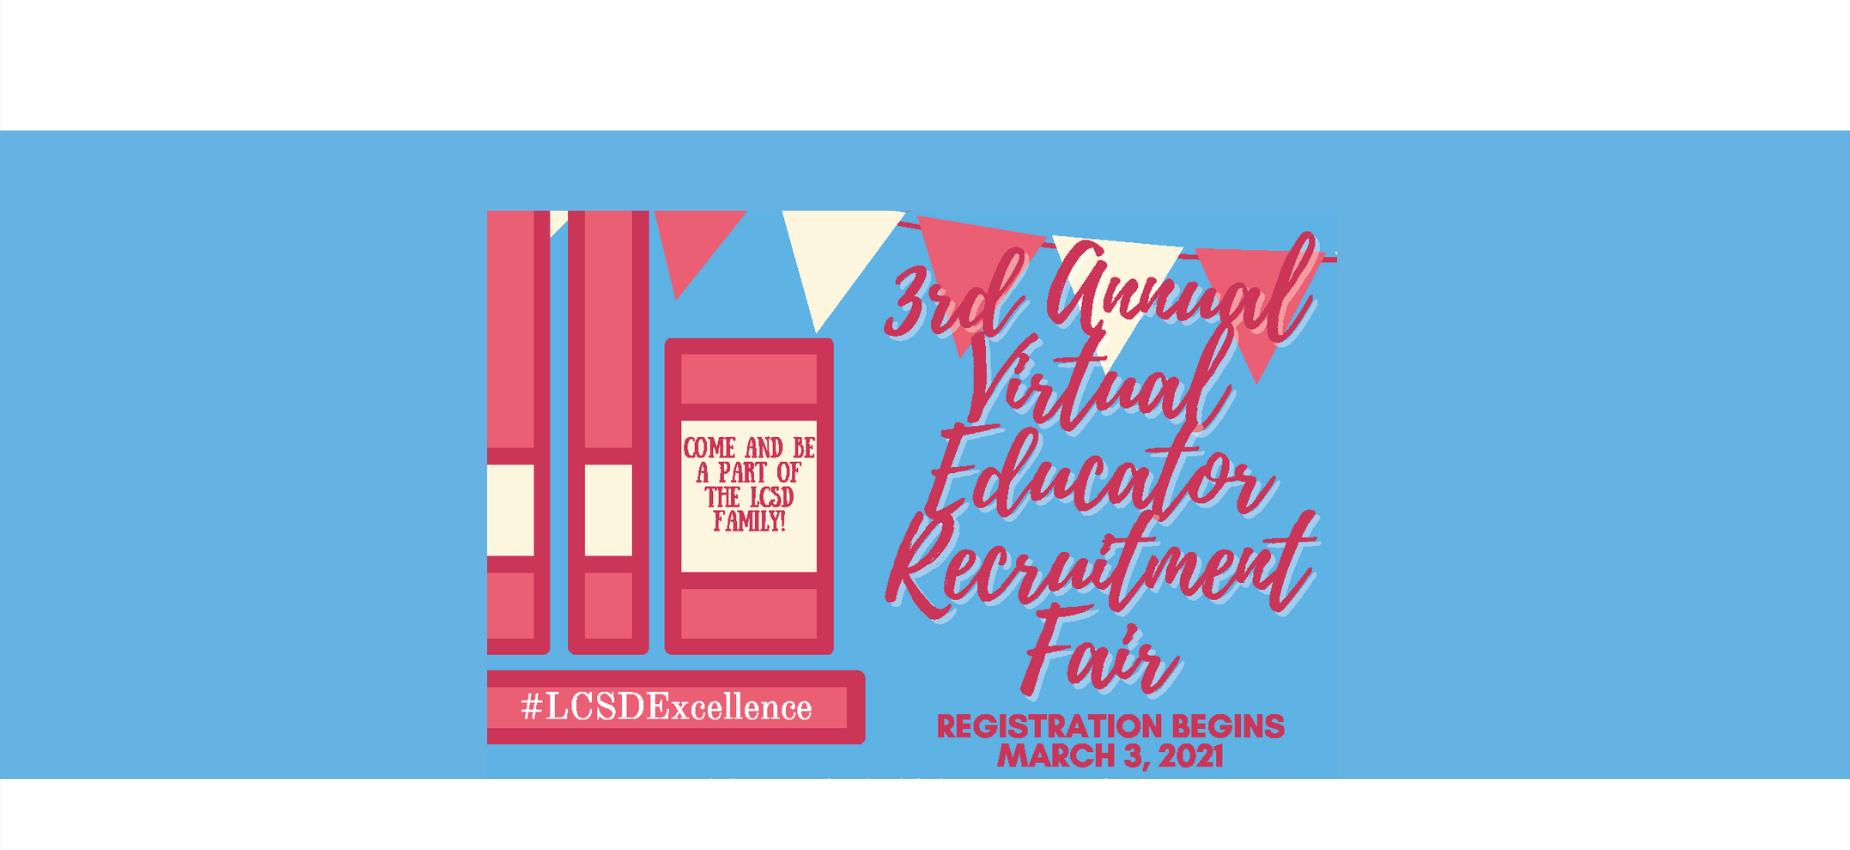 LCSD Recruitment Fair